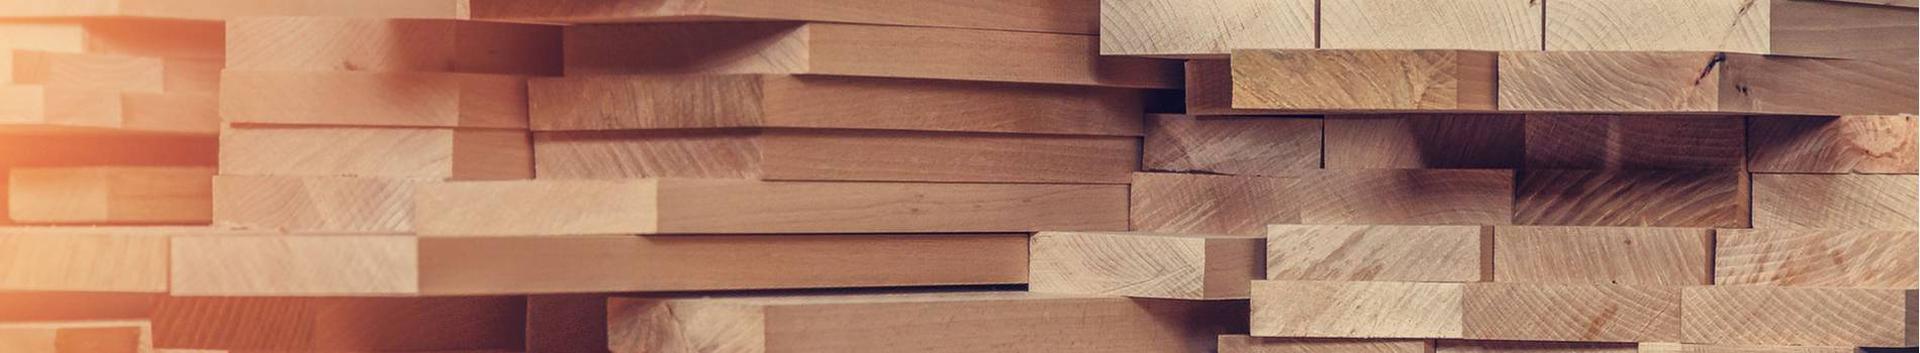 ehitus- ja viimistlusmaterjalid, ehitusmaterjalid, remondimaterjalid, ehitusmaterjalide hulgimüük